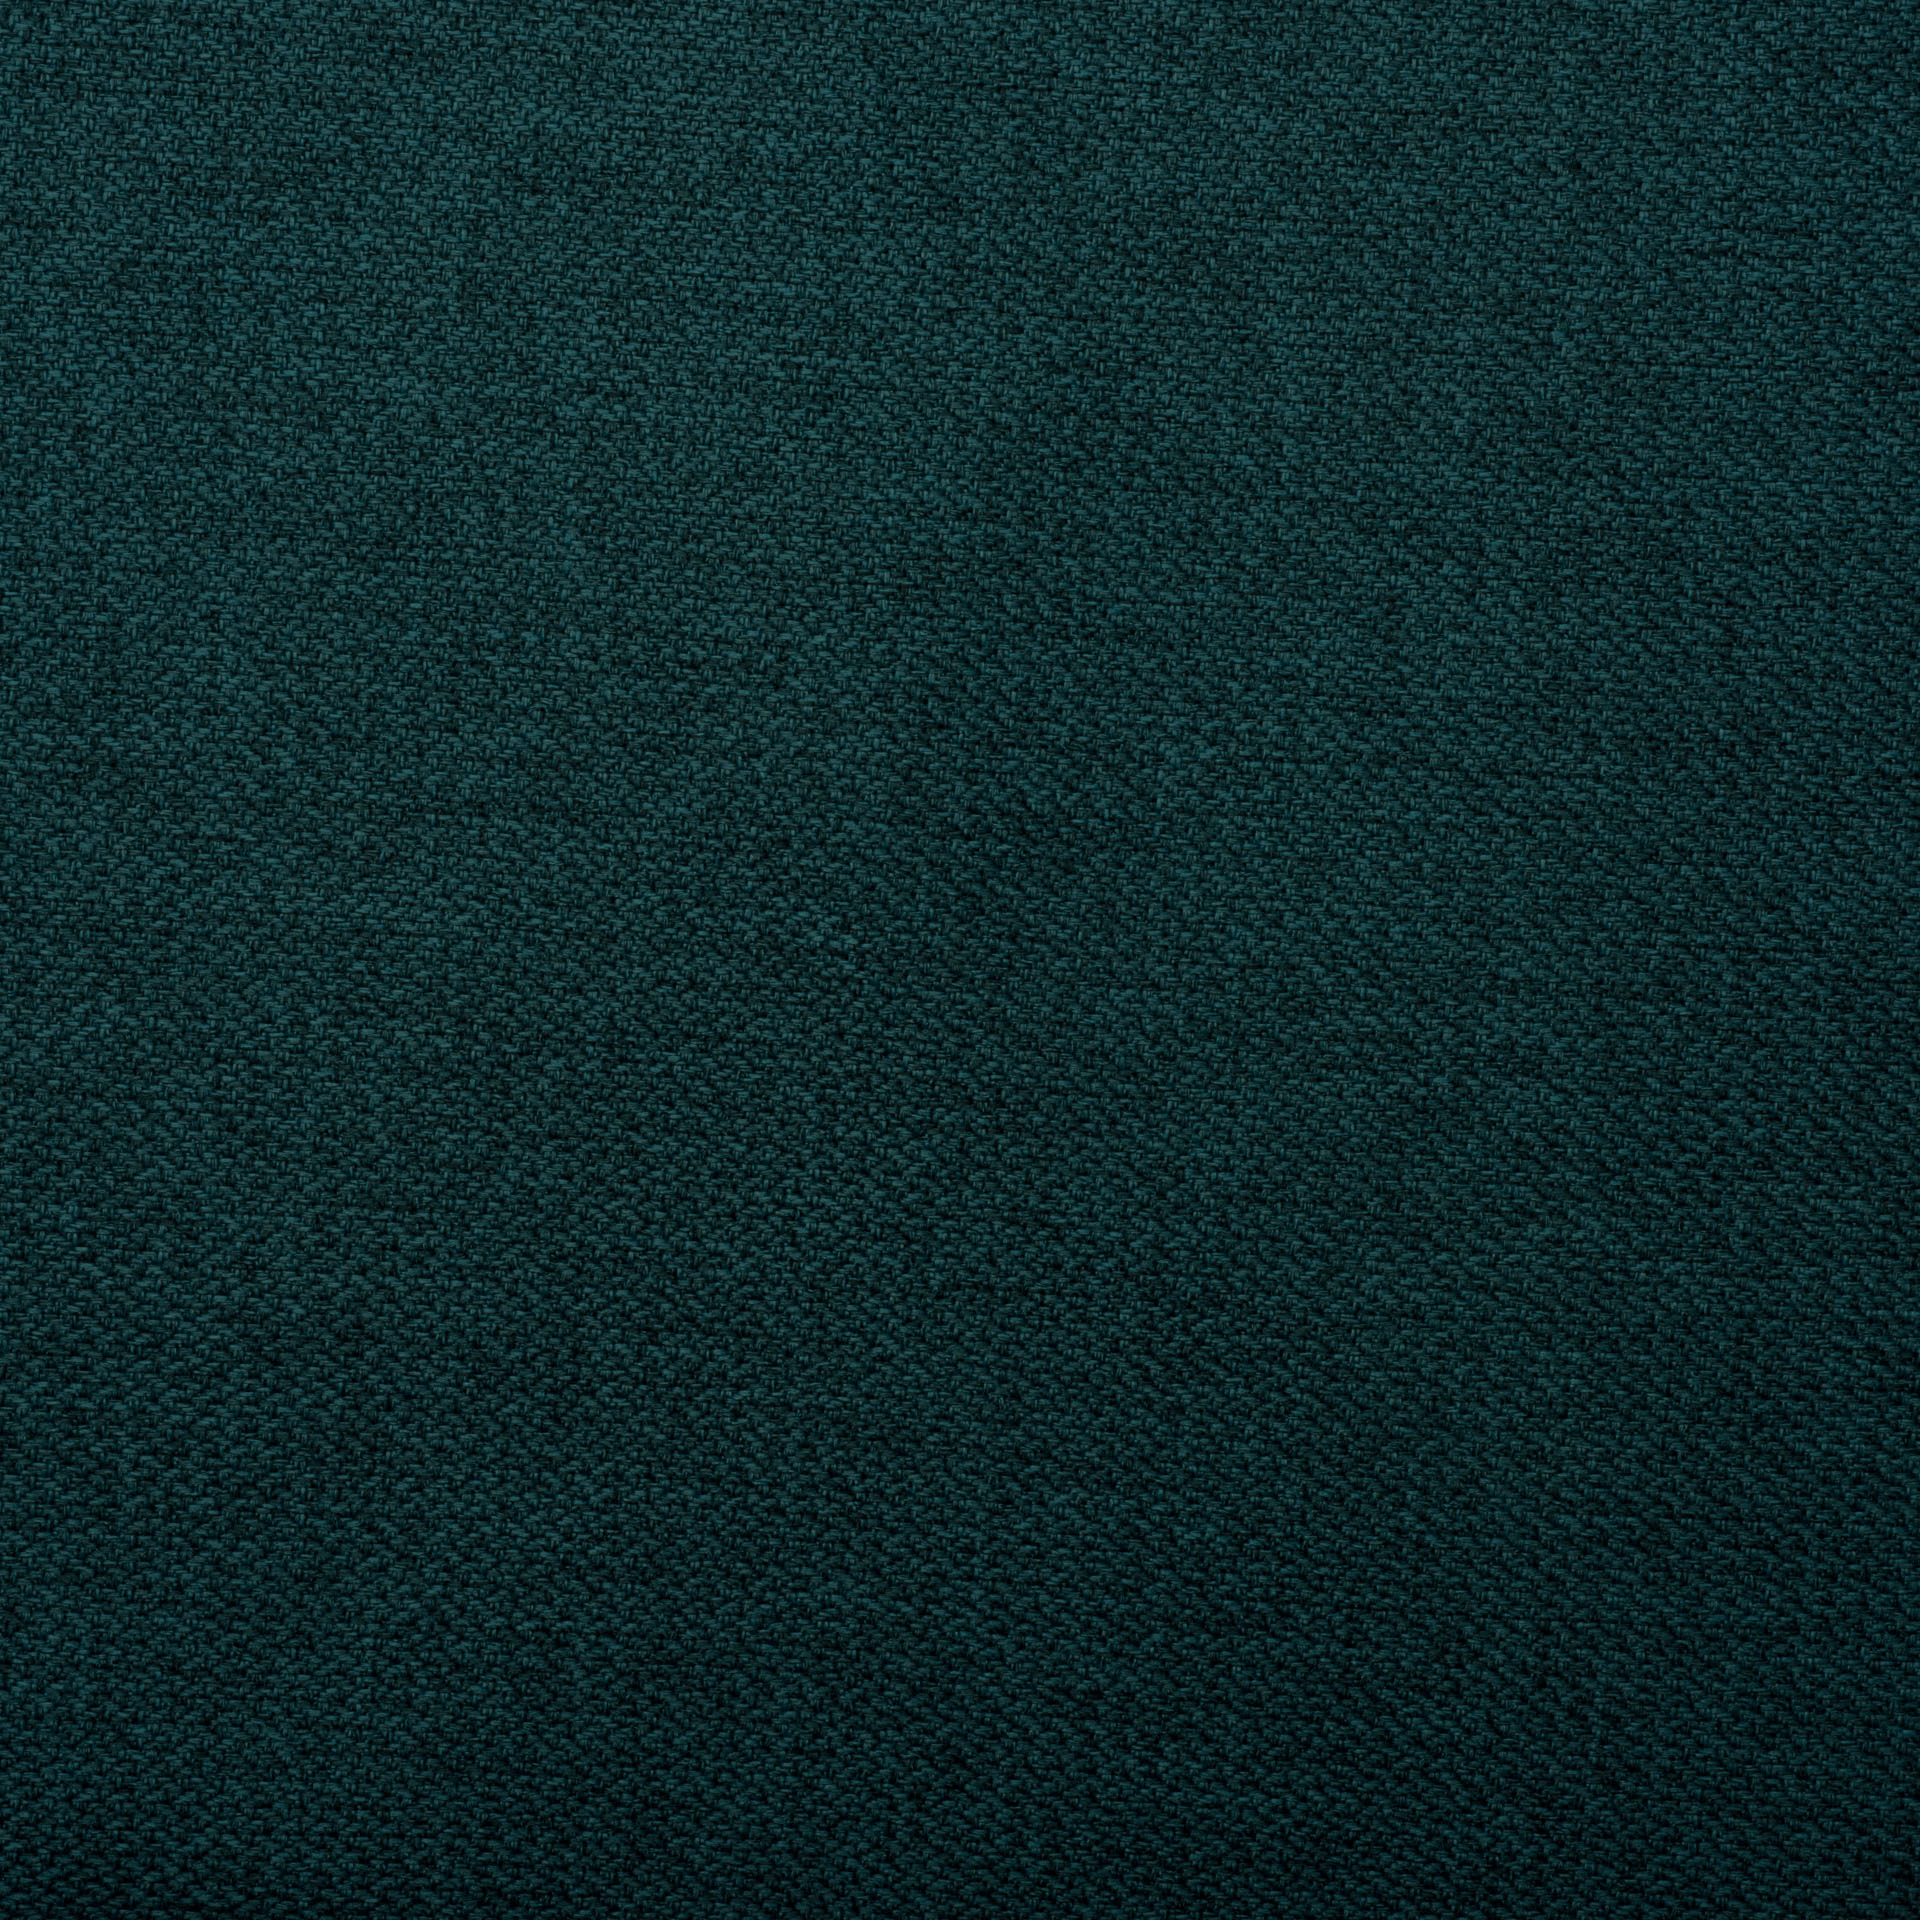 Коллекция ткани Мальмо TURQUOISE 85,  купить ткань Жаккард для мебели Украина